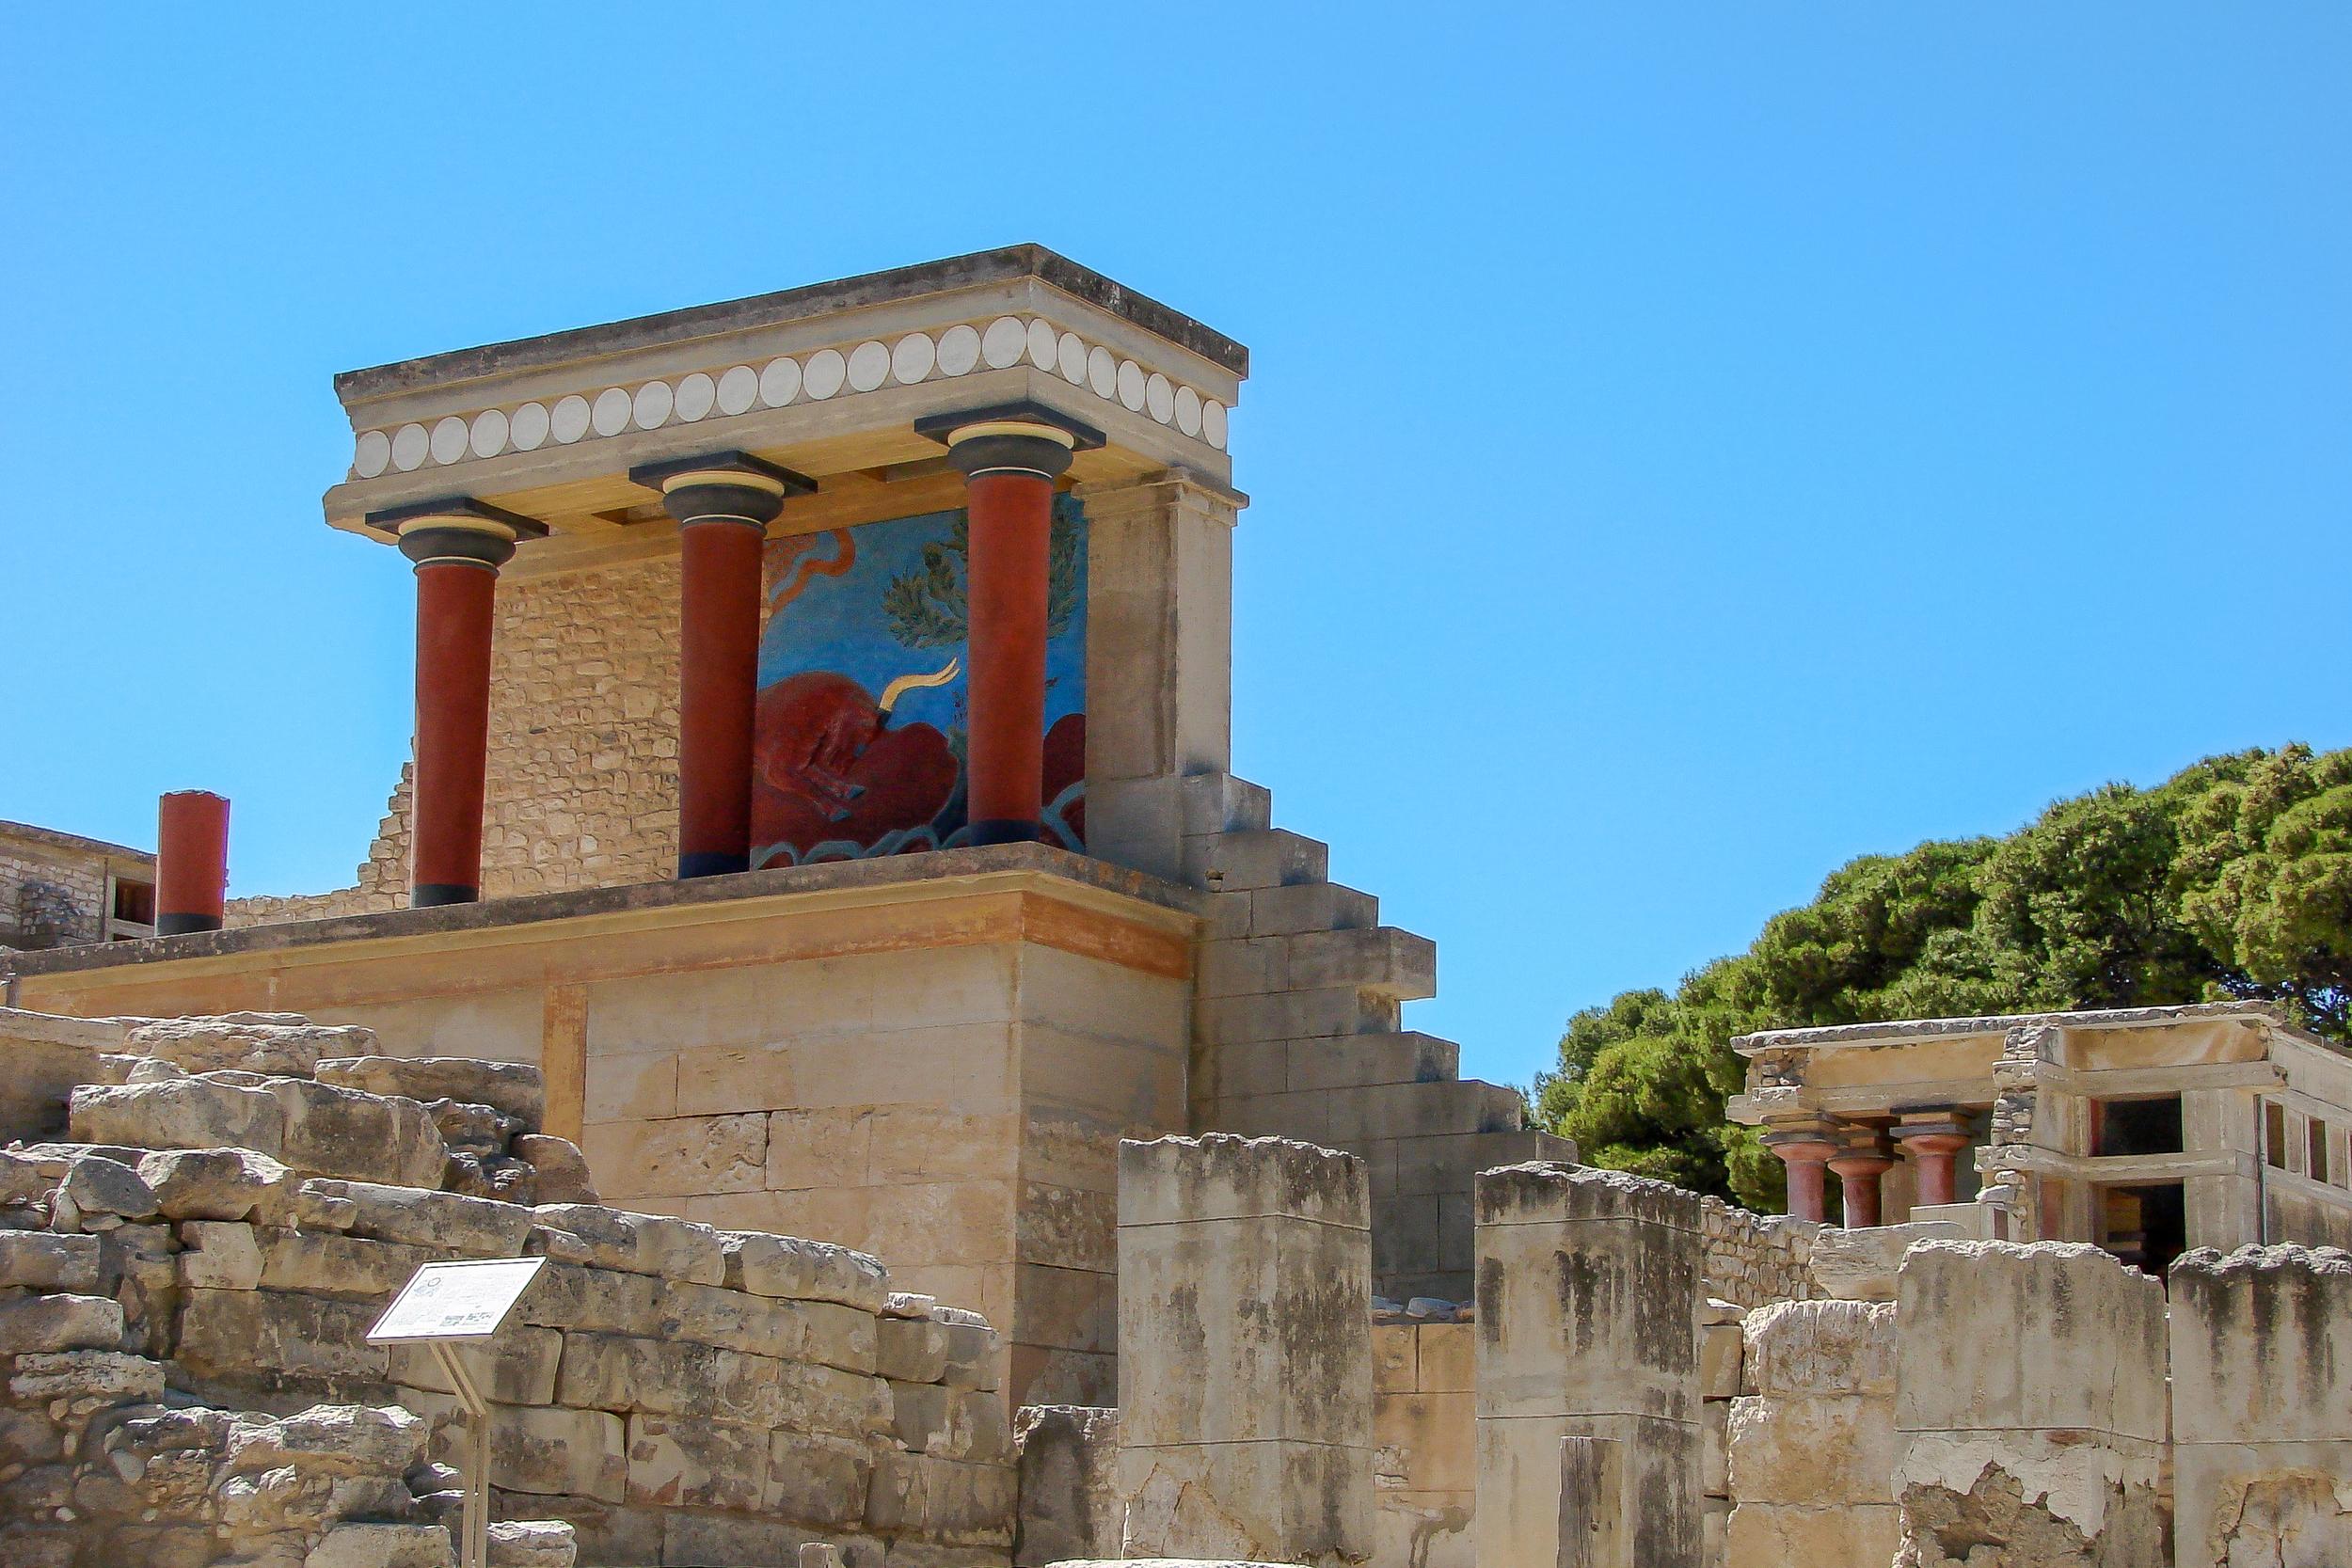 City of the Minotaur - Knossos (Crete, Greece)